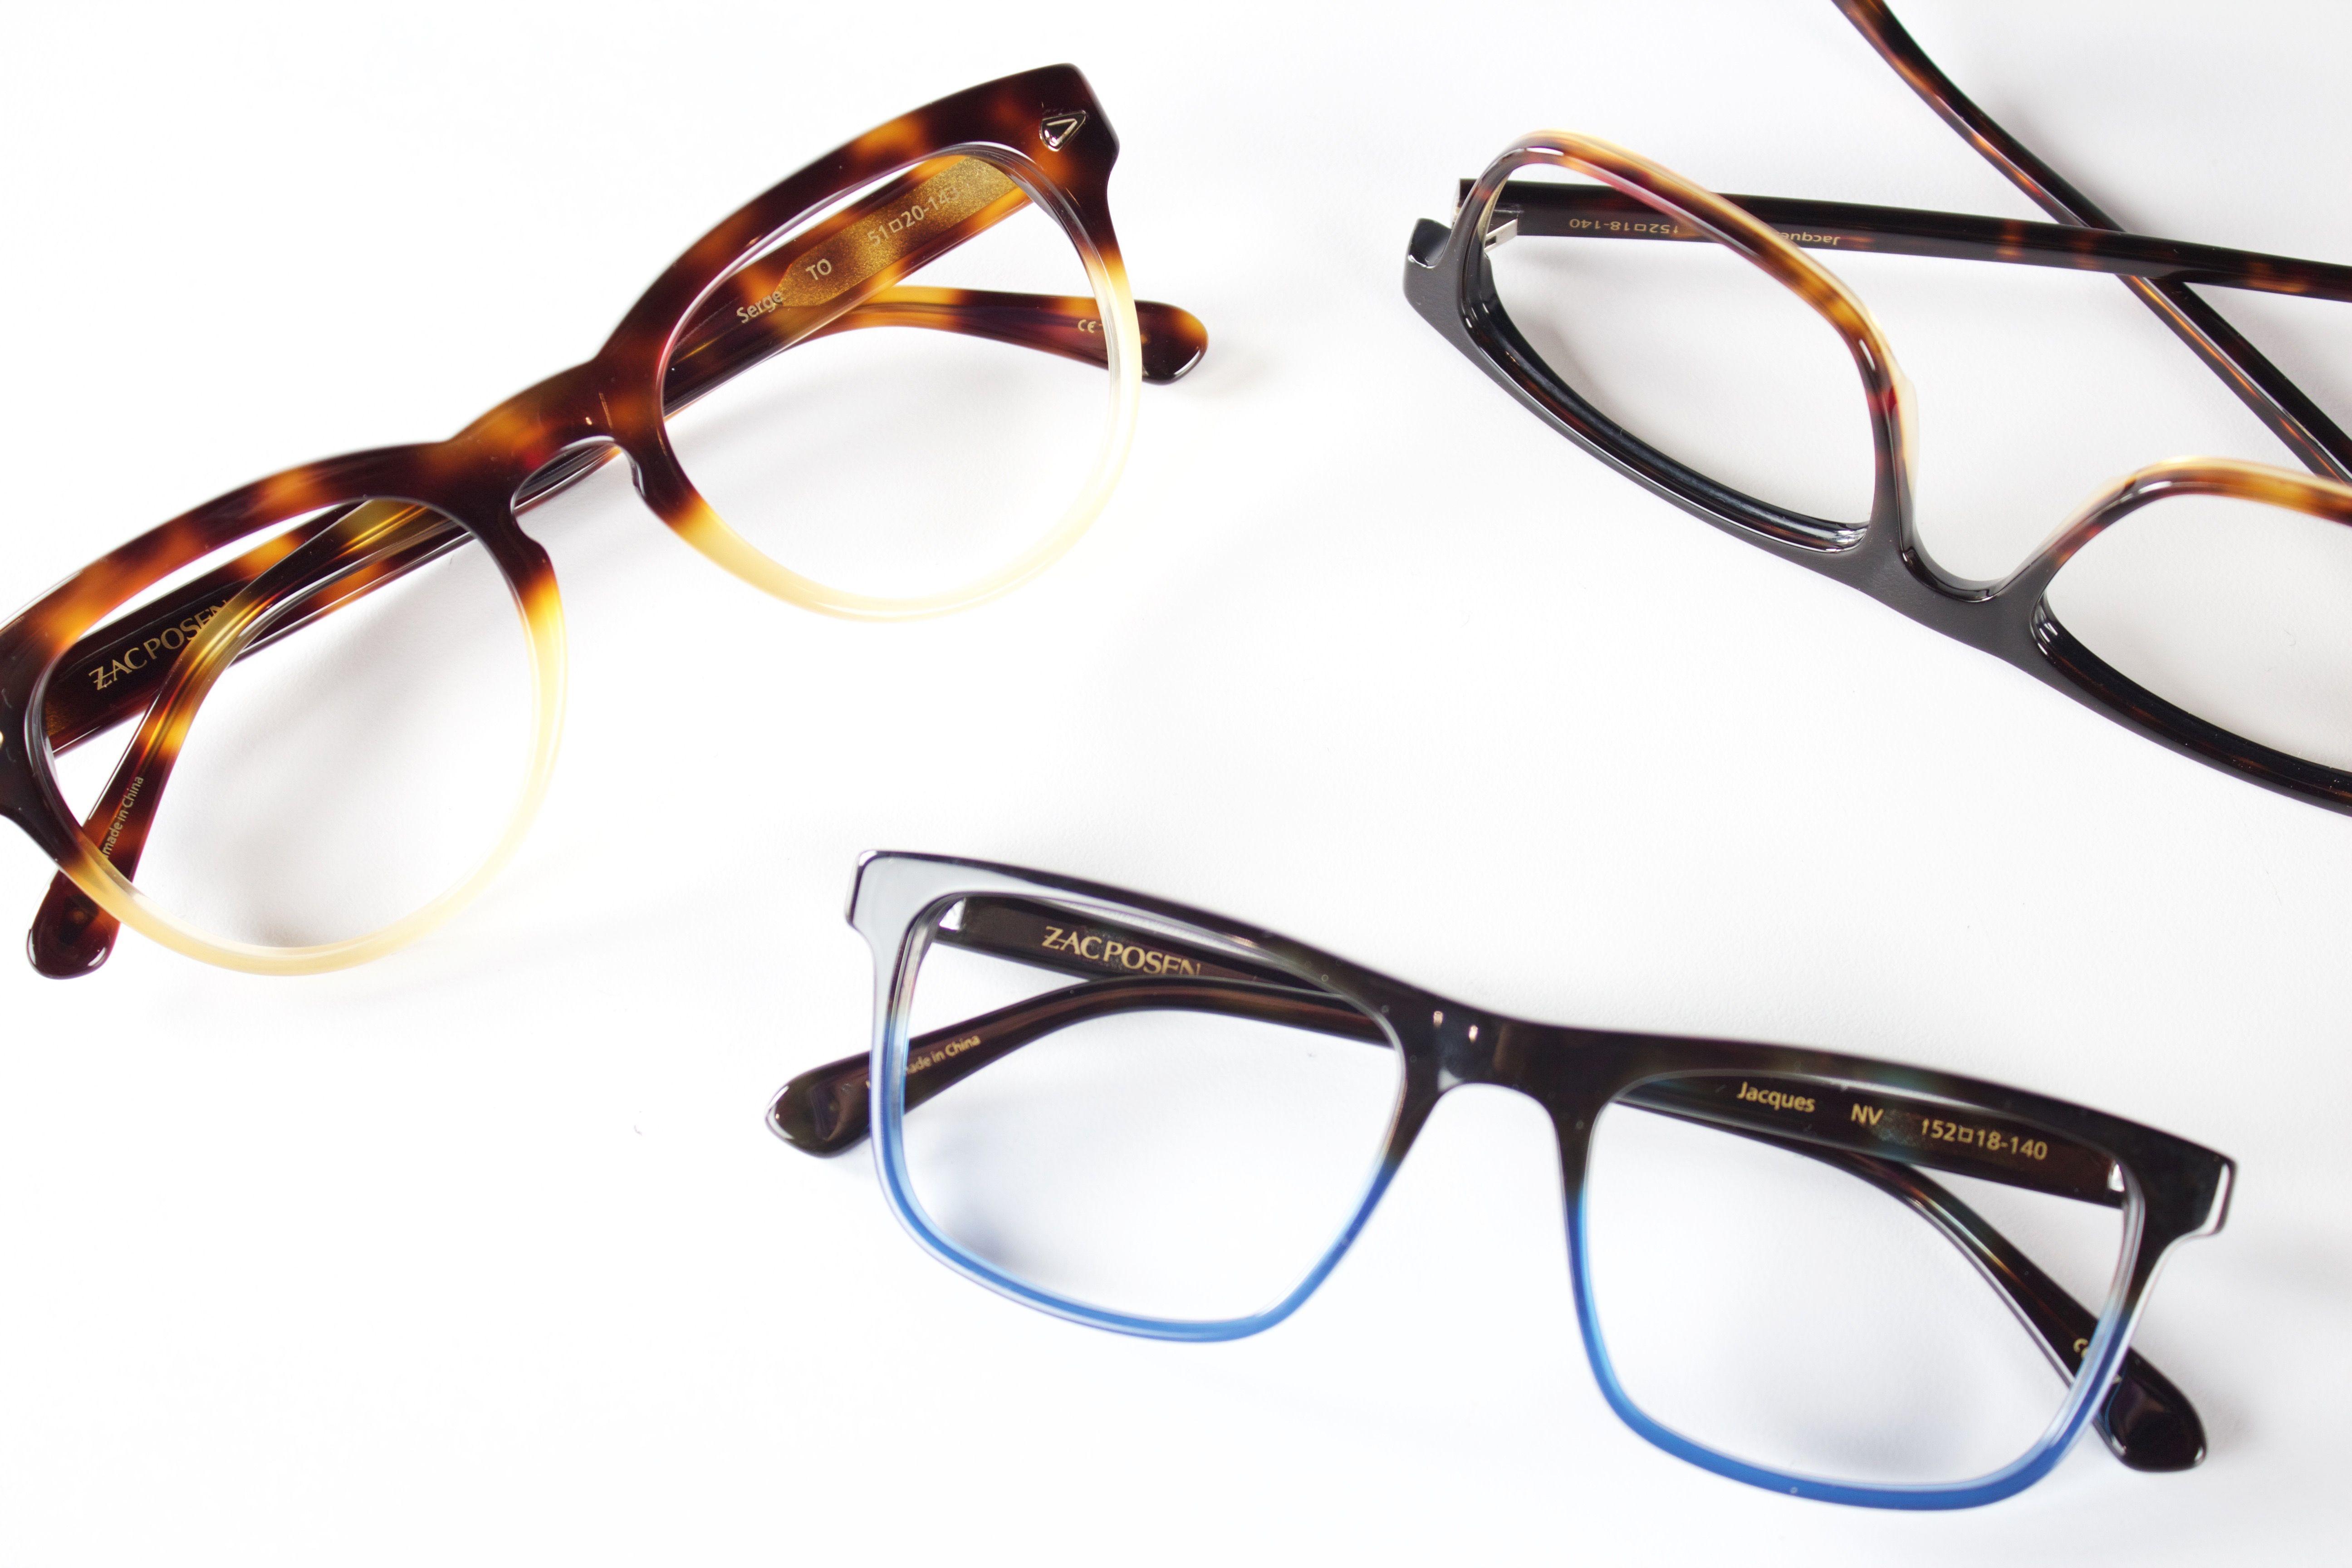 705029f782 new  zacposen mens eyewear